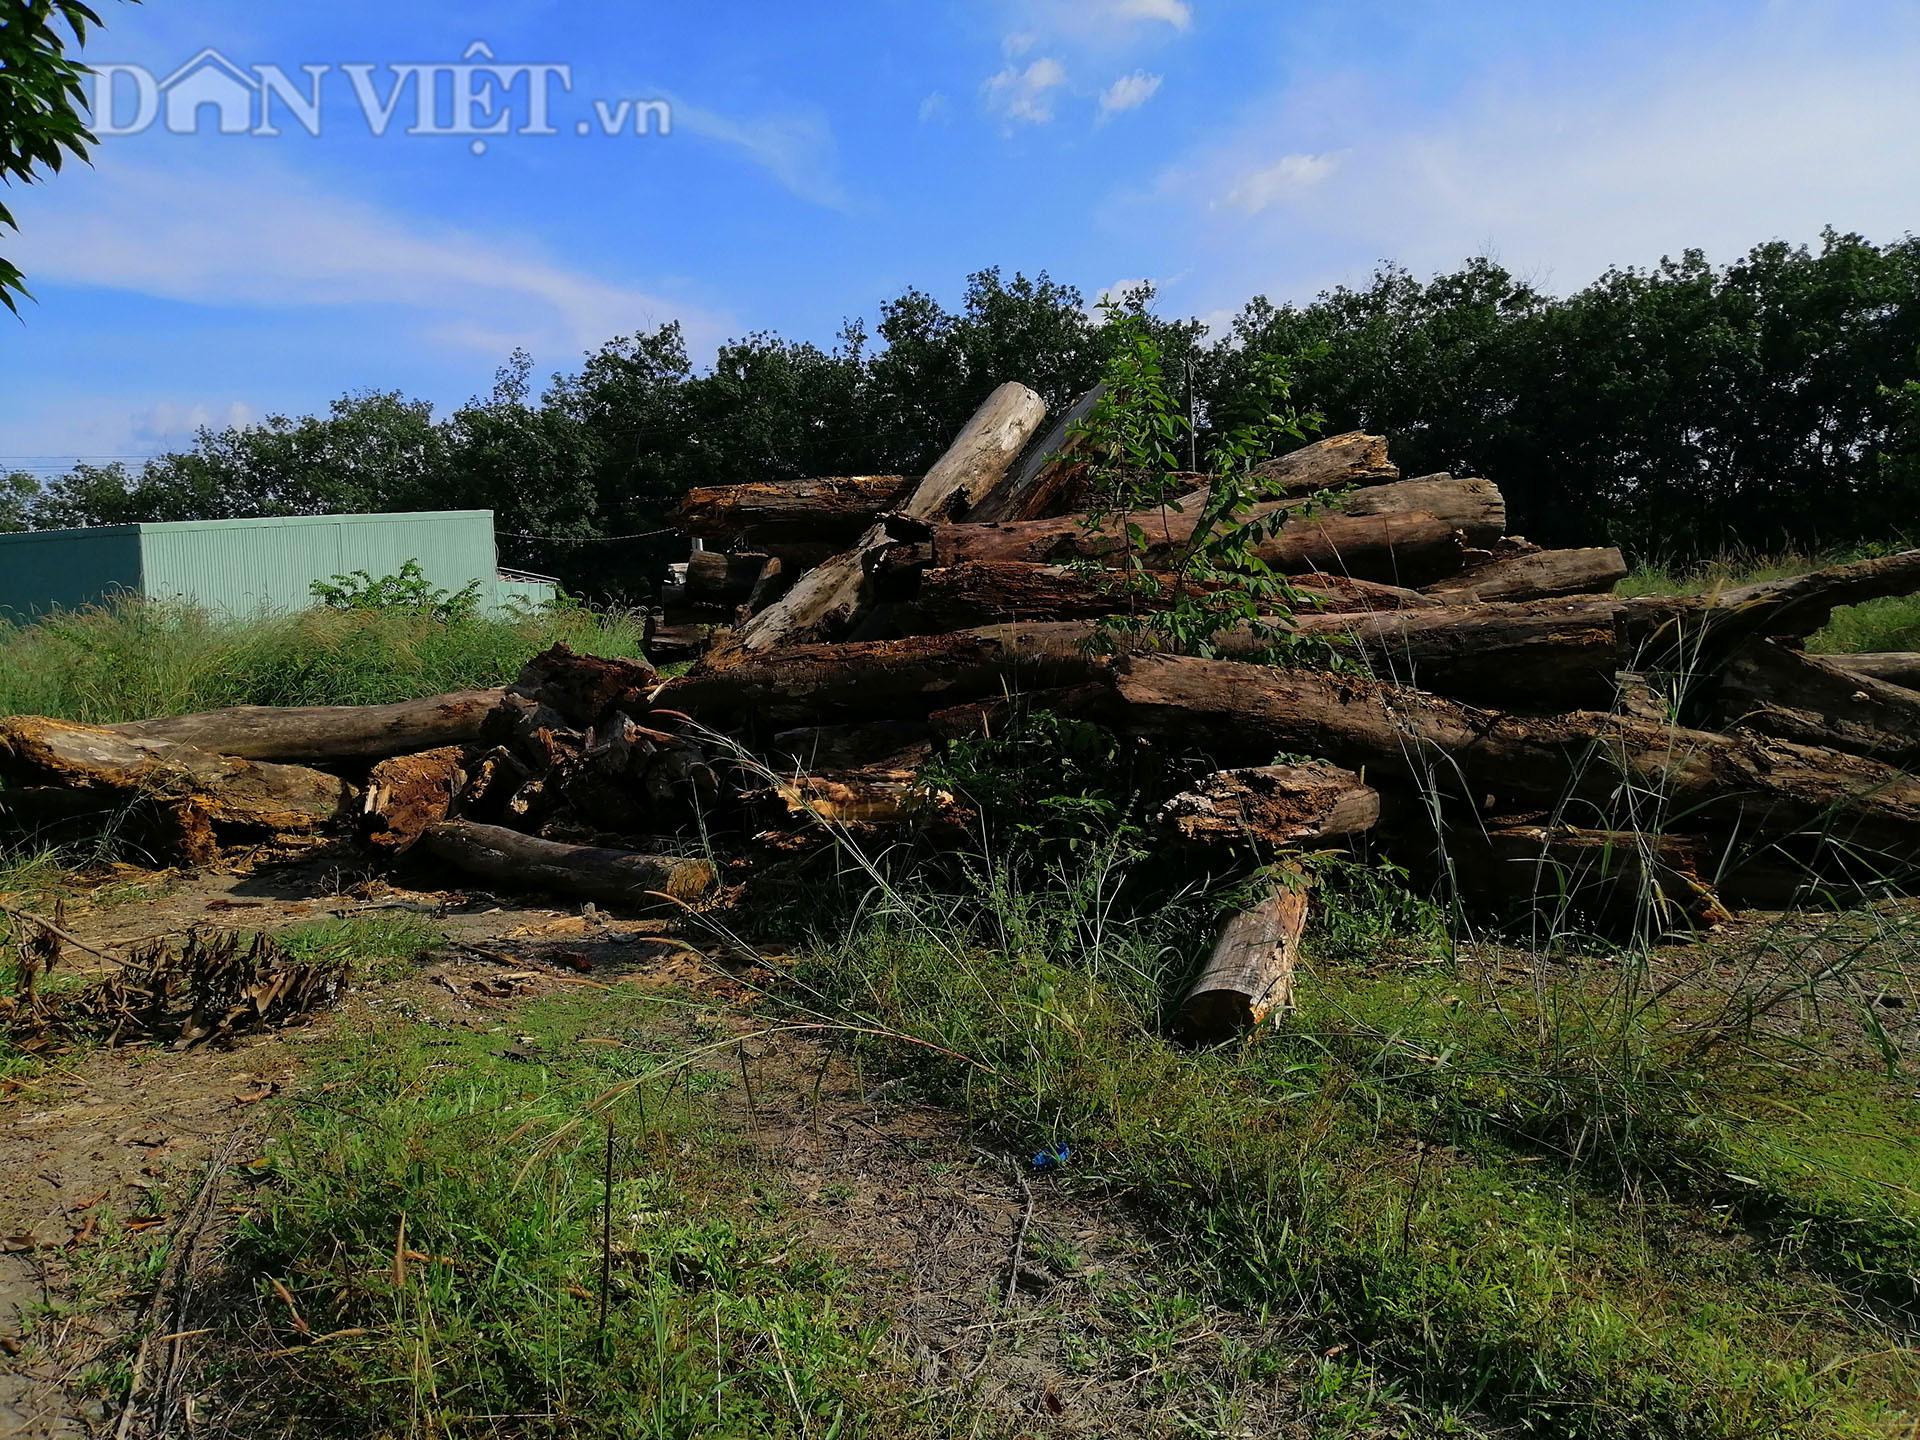 """Bình Phước kiểm tra dự án """"khủng"""" bảo vệ rừng, bị tố có nhiều sai phạm - Ảnh 3."""